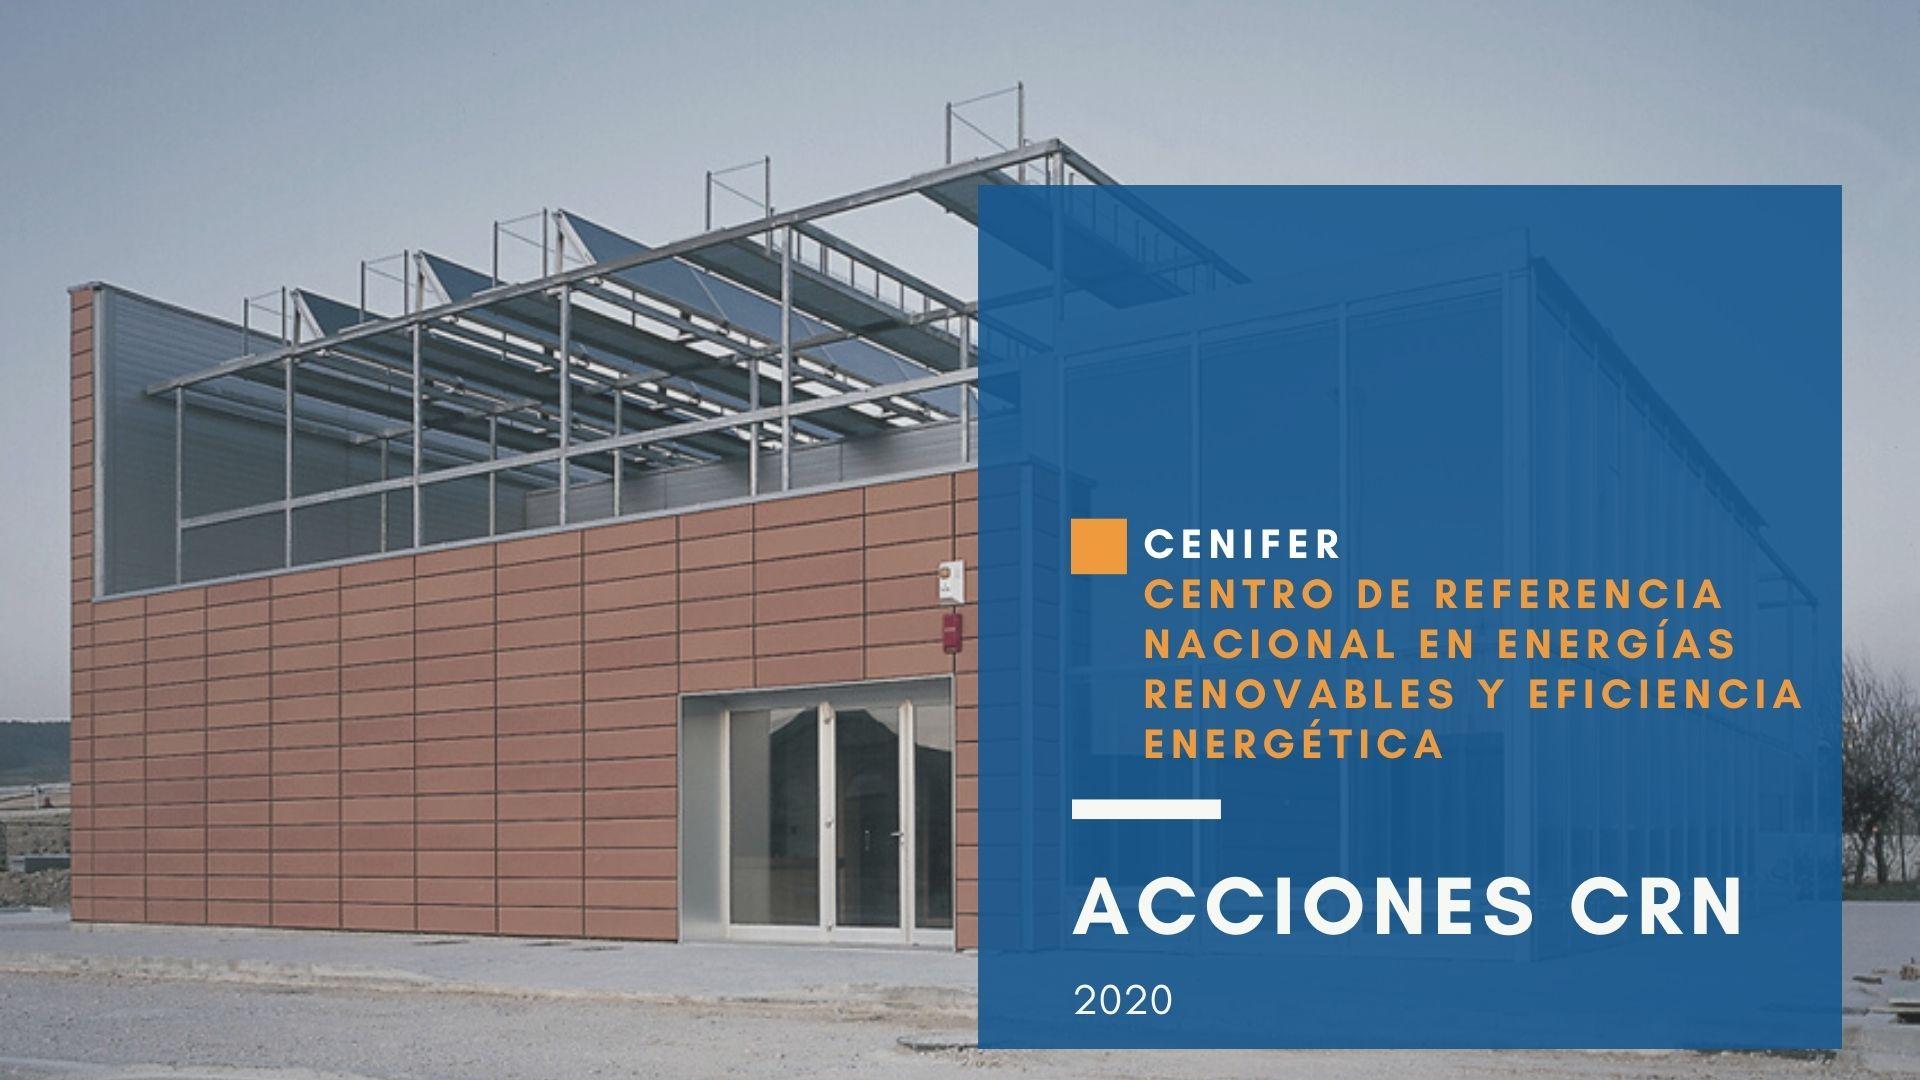 Cenifer-Plan de acciones CRN 2020